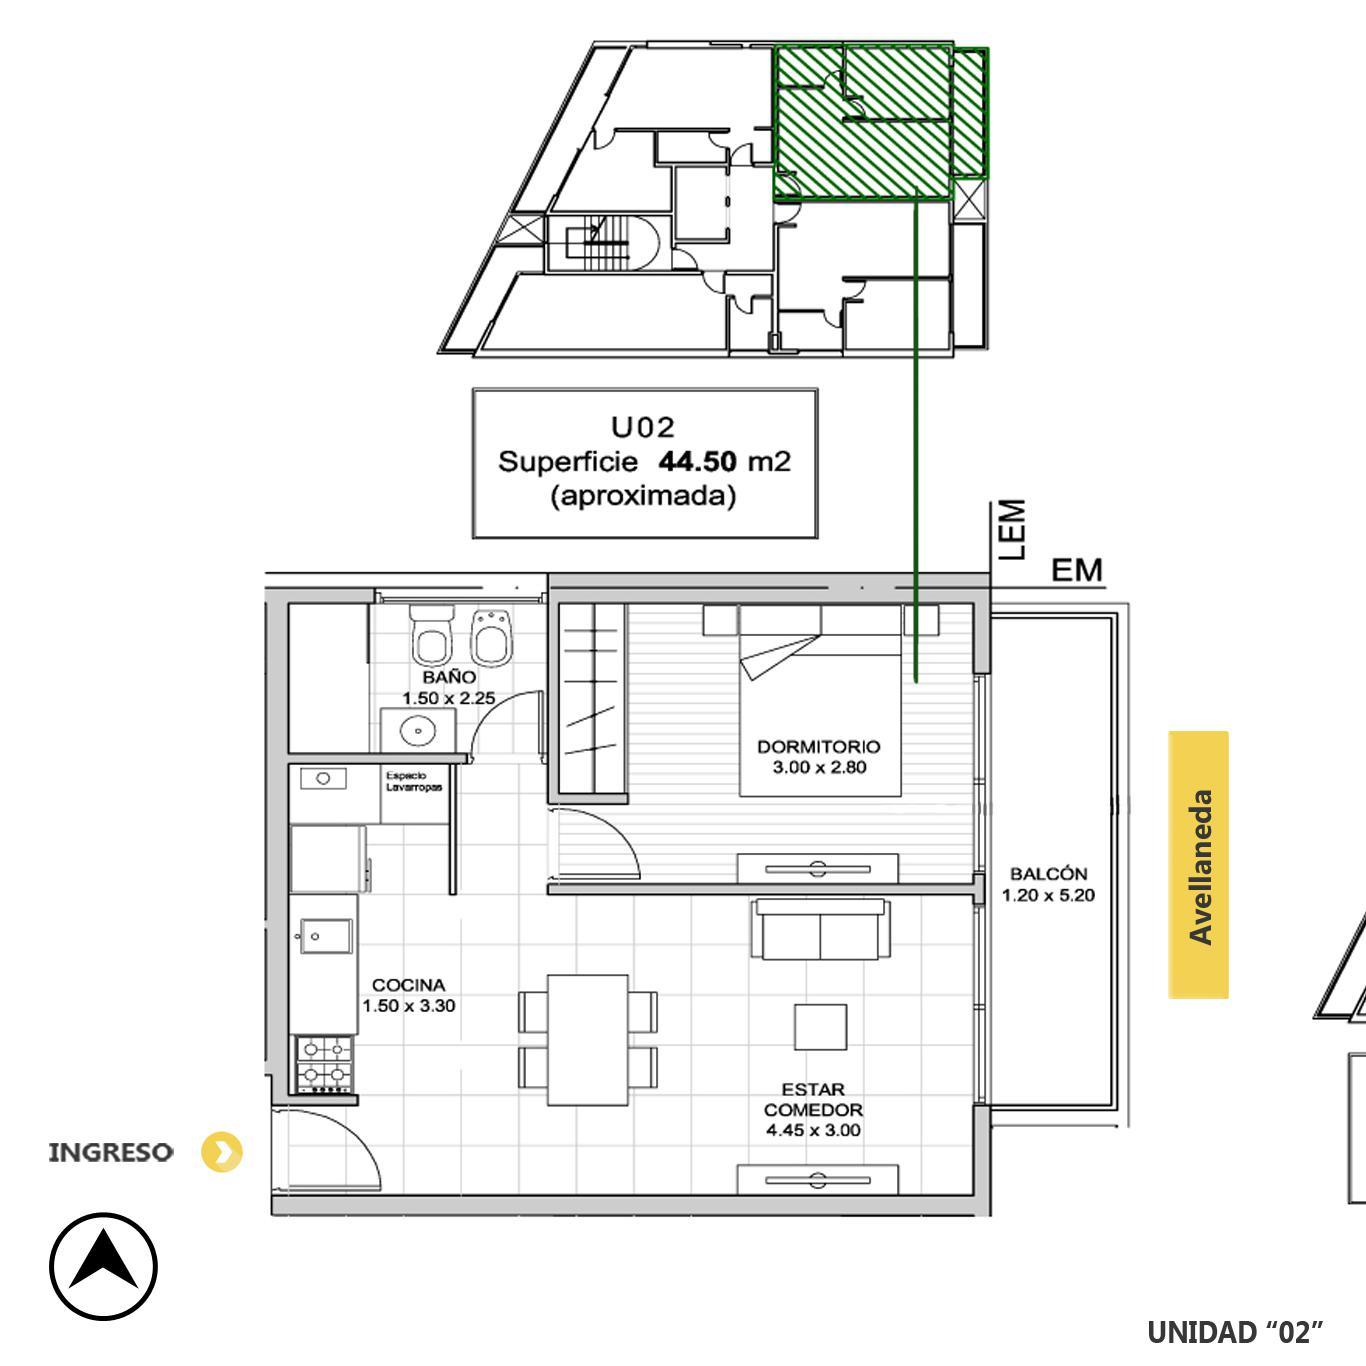 Venta departamento 1 dormitorio Rosario, Remedios De Escalada De San Martin. Cod CBU23216 AP2197260. Crestale Propiedades